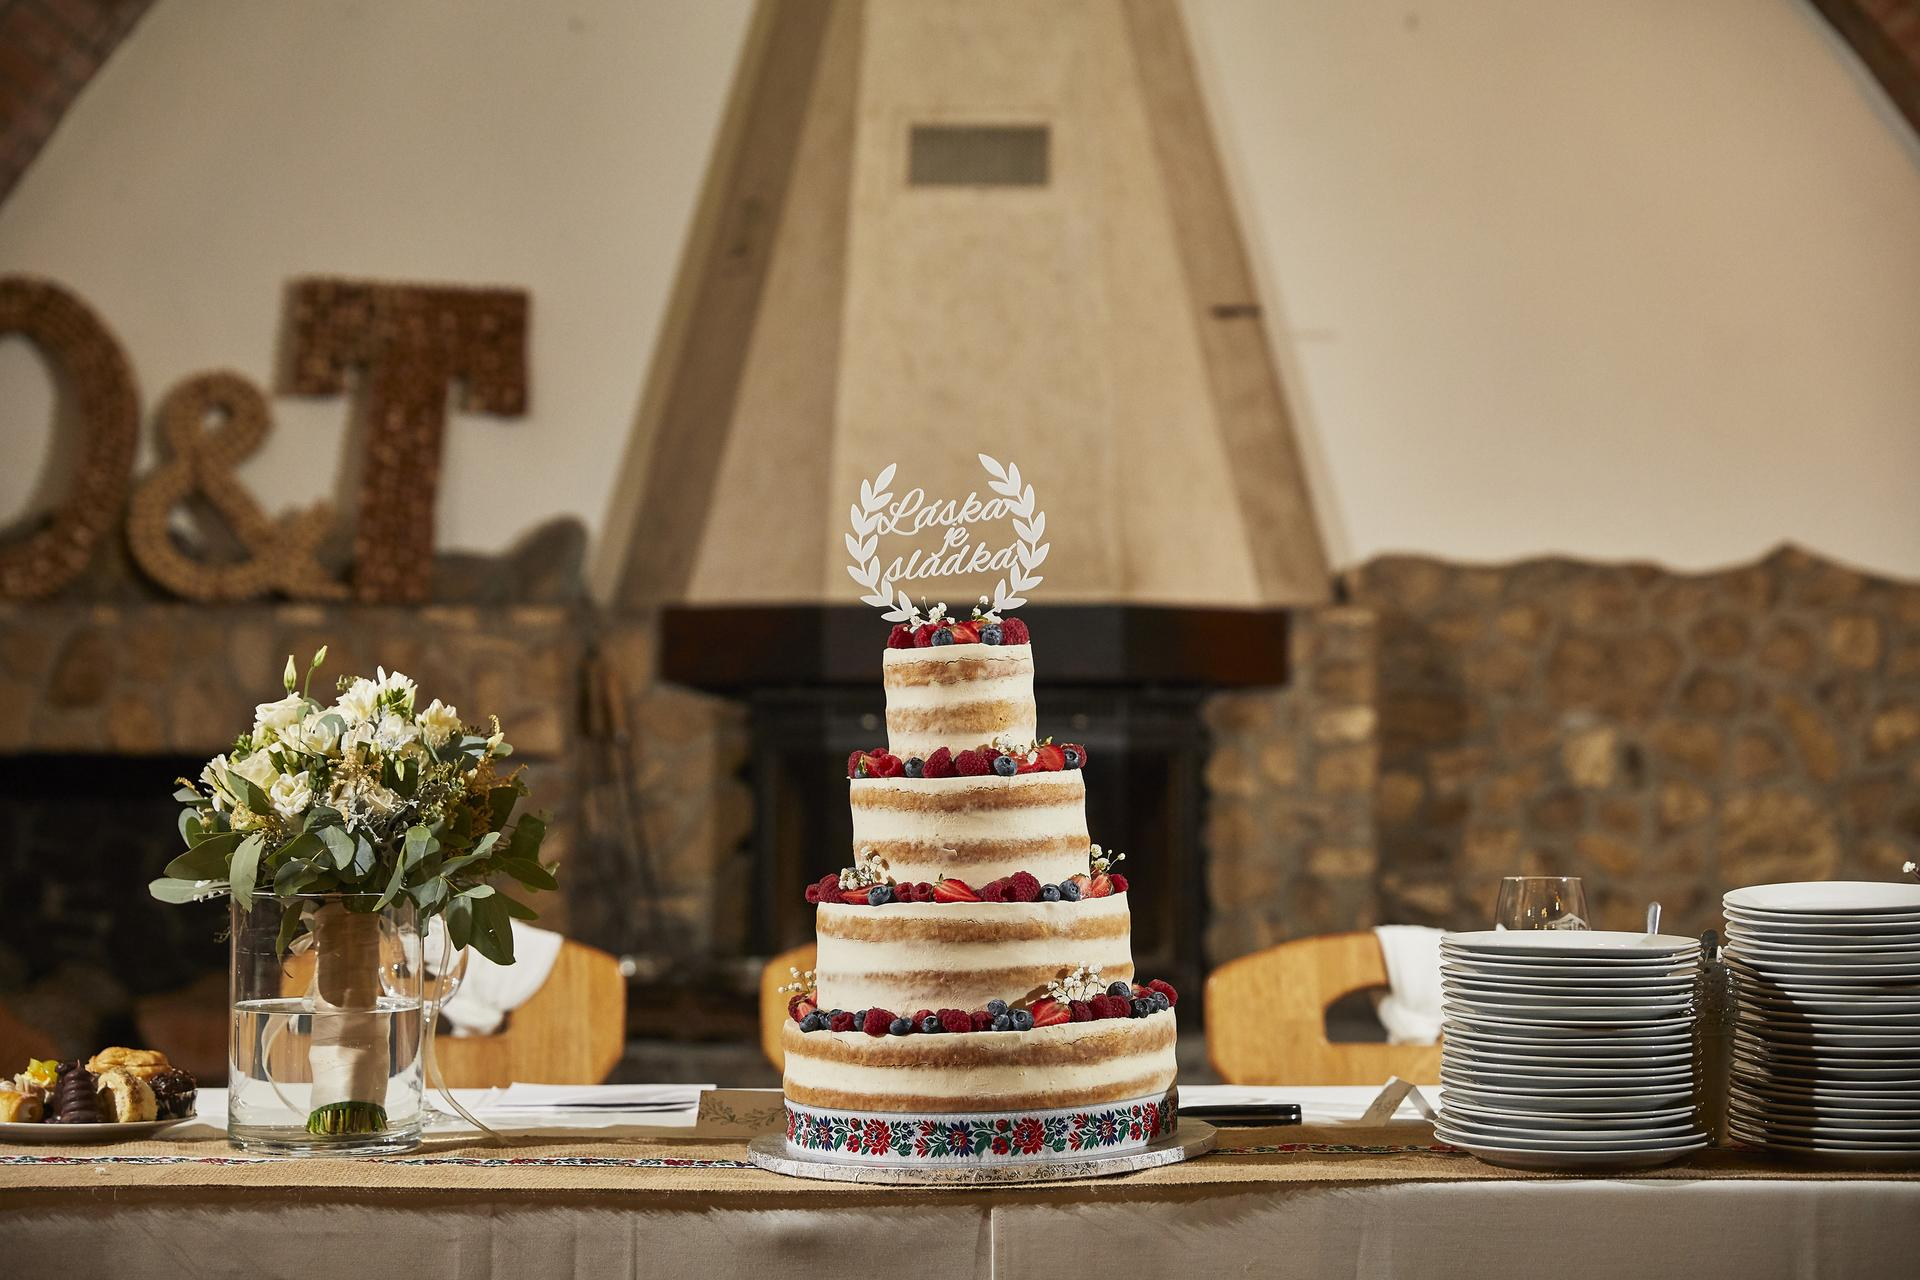 Naše slovácká svatba - Výborný dort!